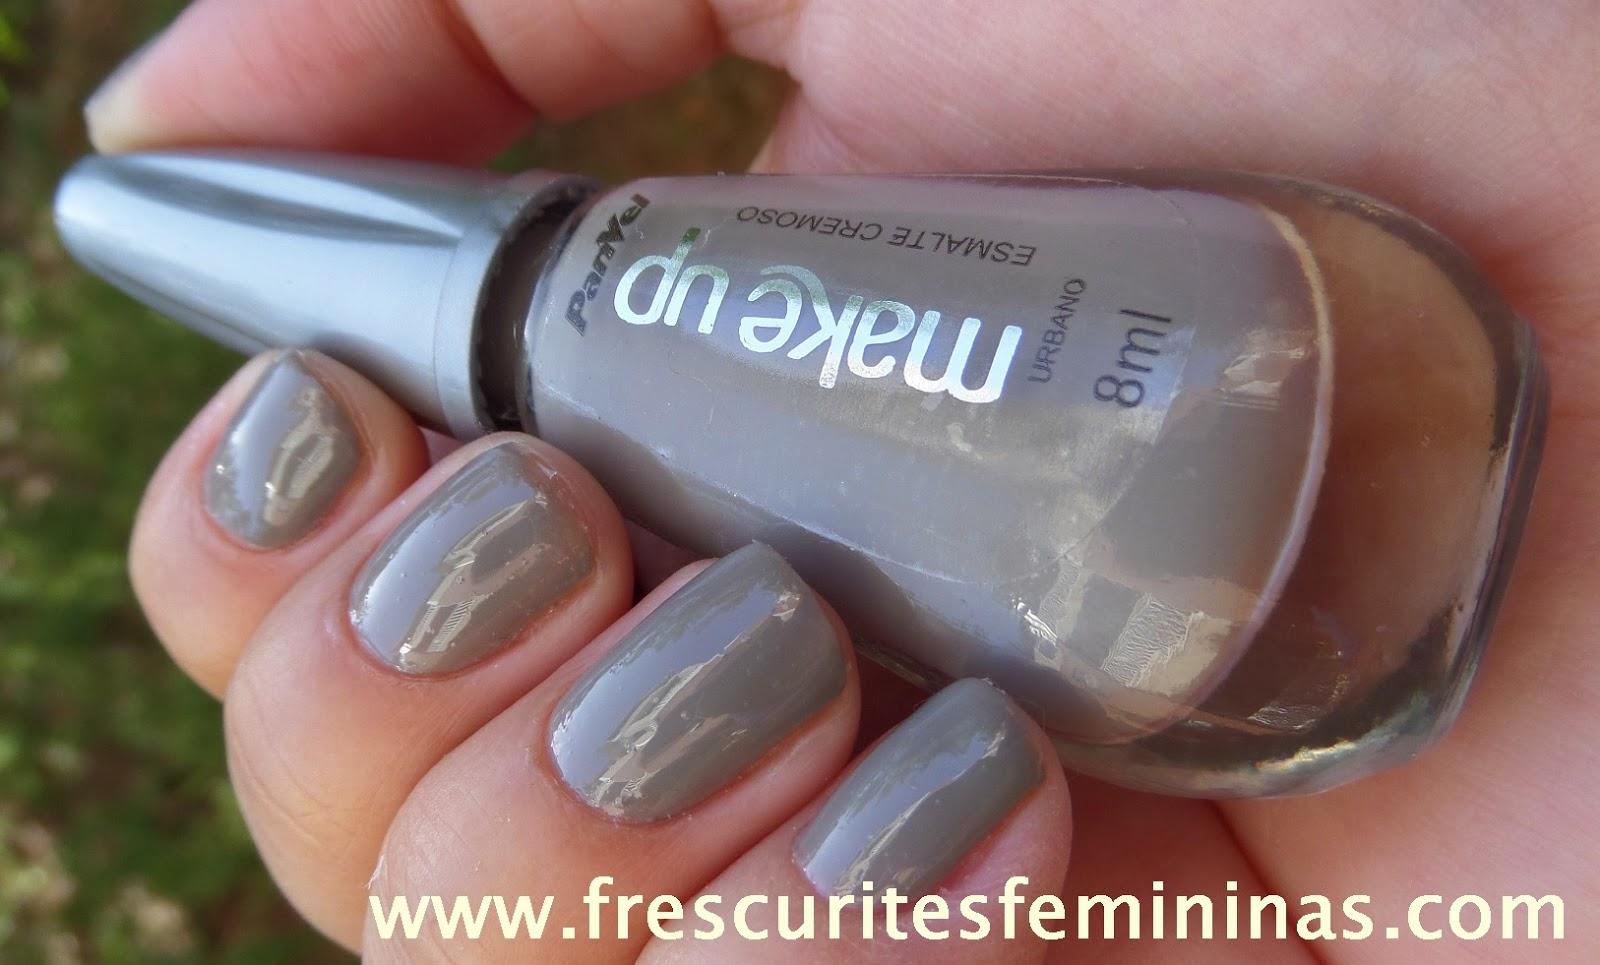 Frescurites Femininas, Nail polish, Swatch